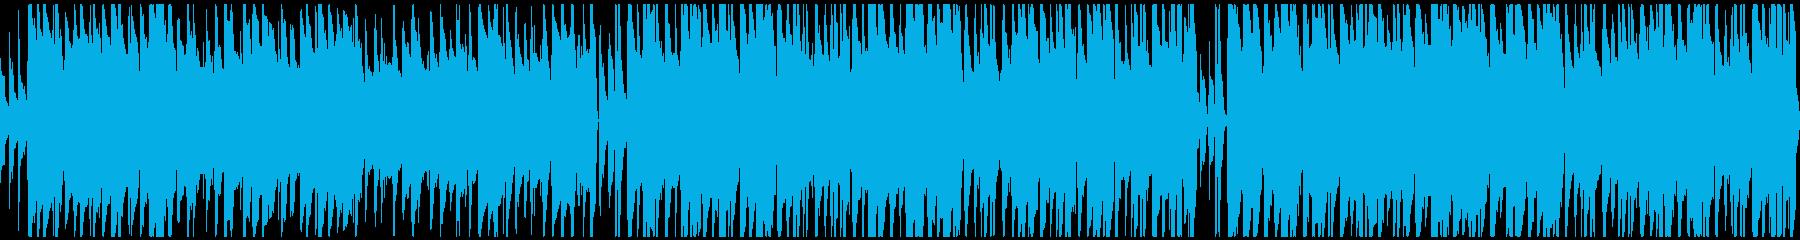 ループ仕様、ほのぼのしたポップスの再生済みの波形